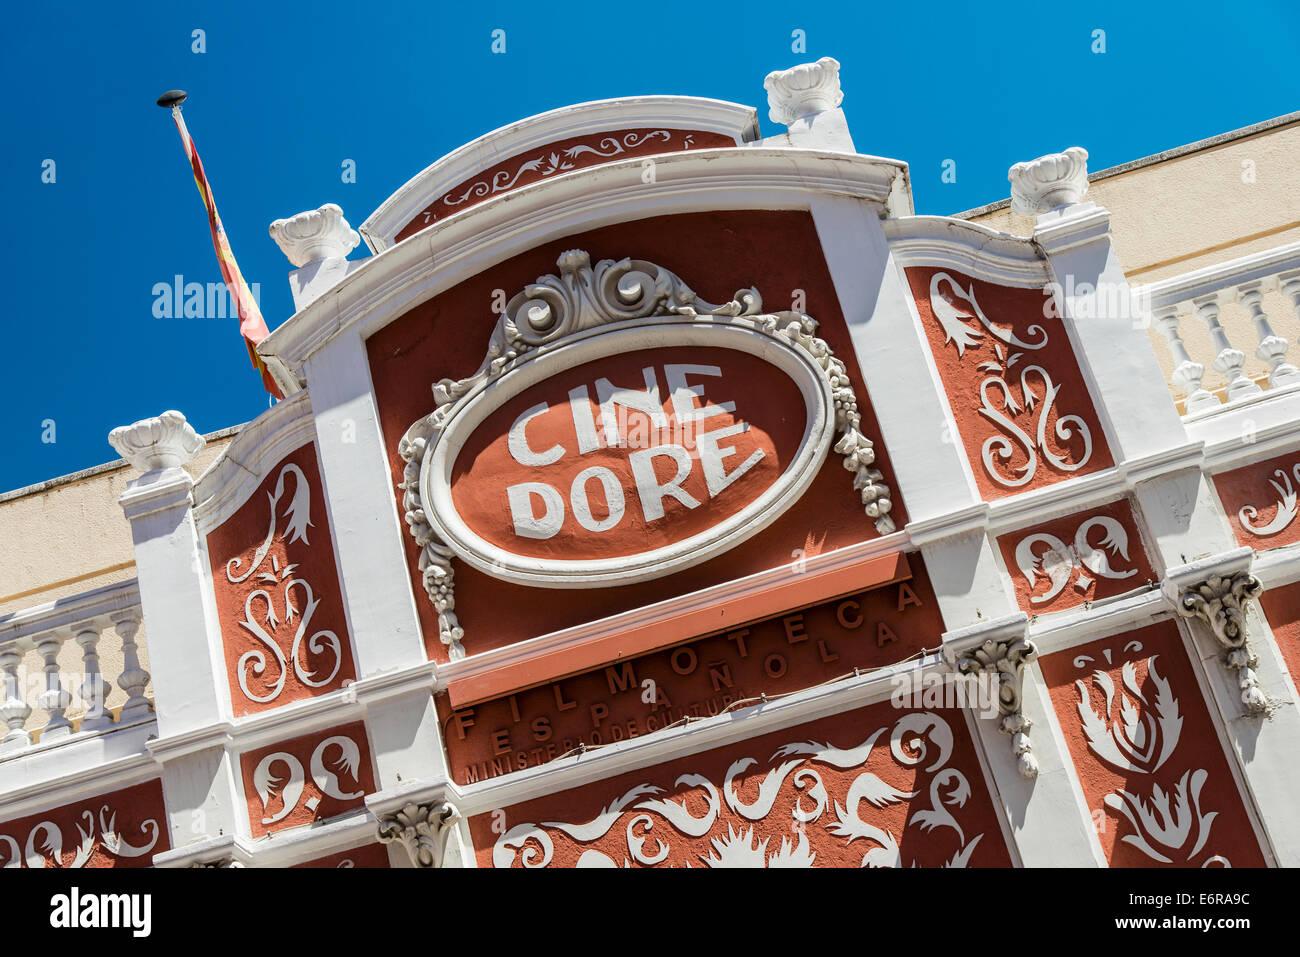 Cine Doré, el cine más antiguo de Madrid, ahora alberga la Filmoteca Española salas para exposiciones, Imagen De Stock